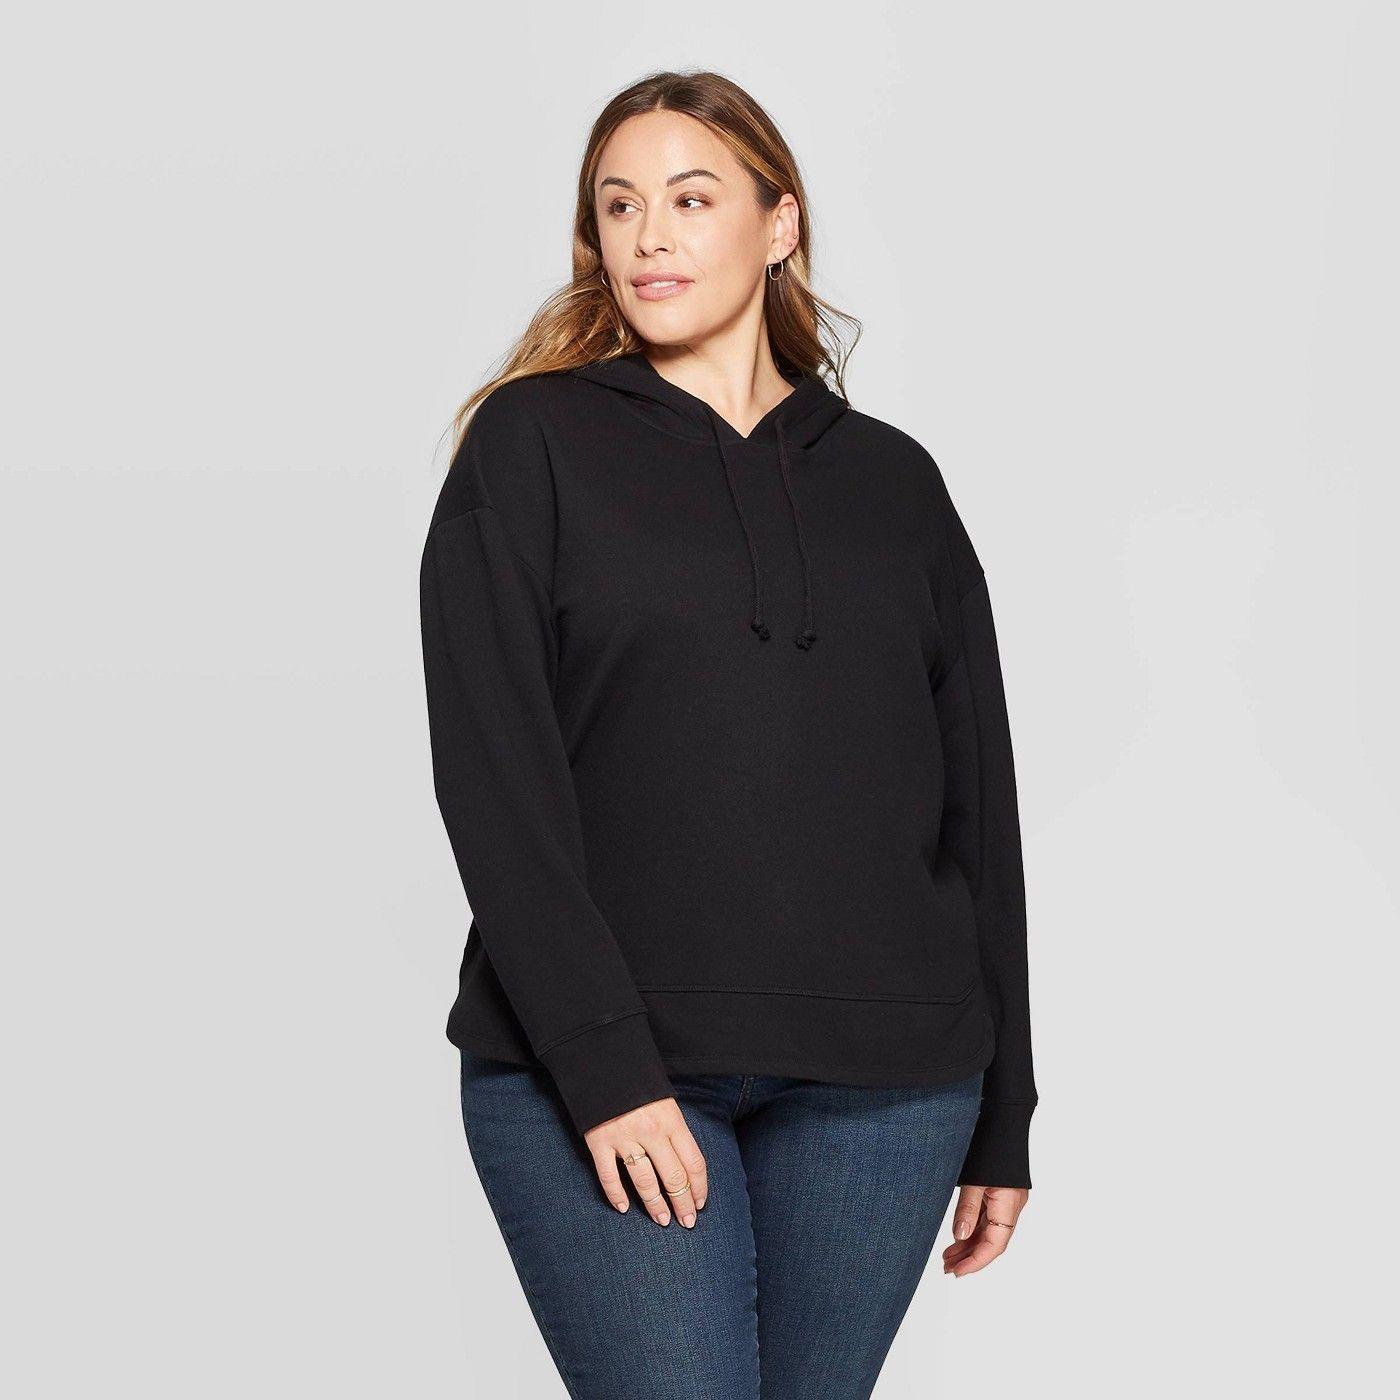 Women's Plus Size Hoodie Sweatshirt - Universal Thread? #Affiliate #Hoodie, #Ad,... 4